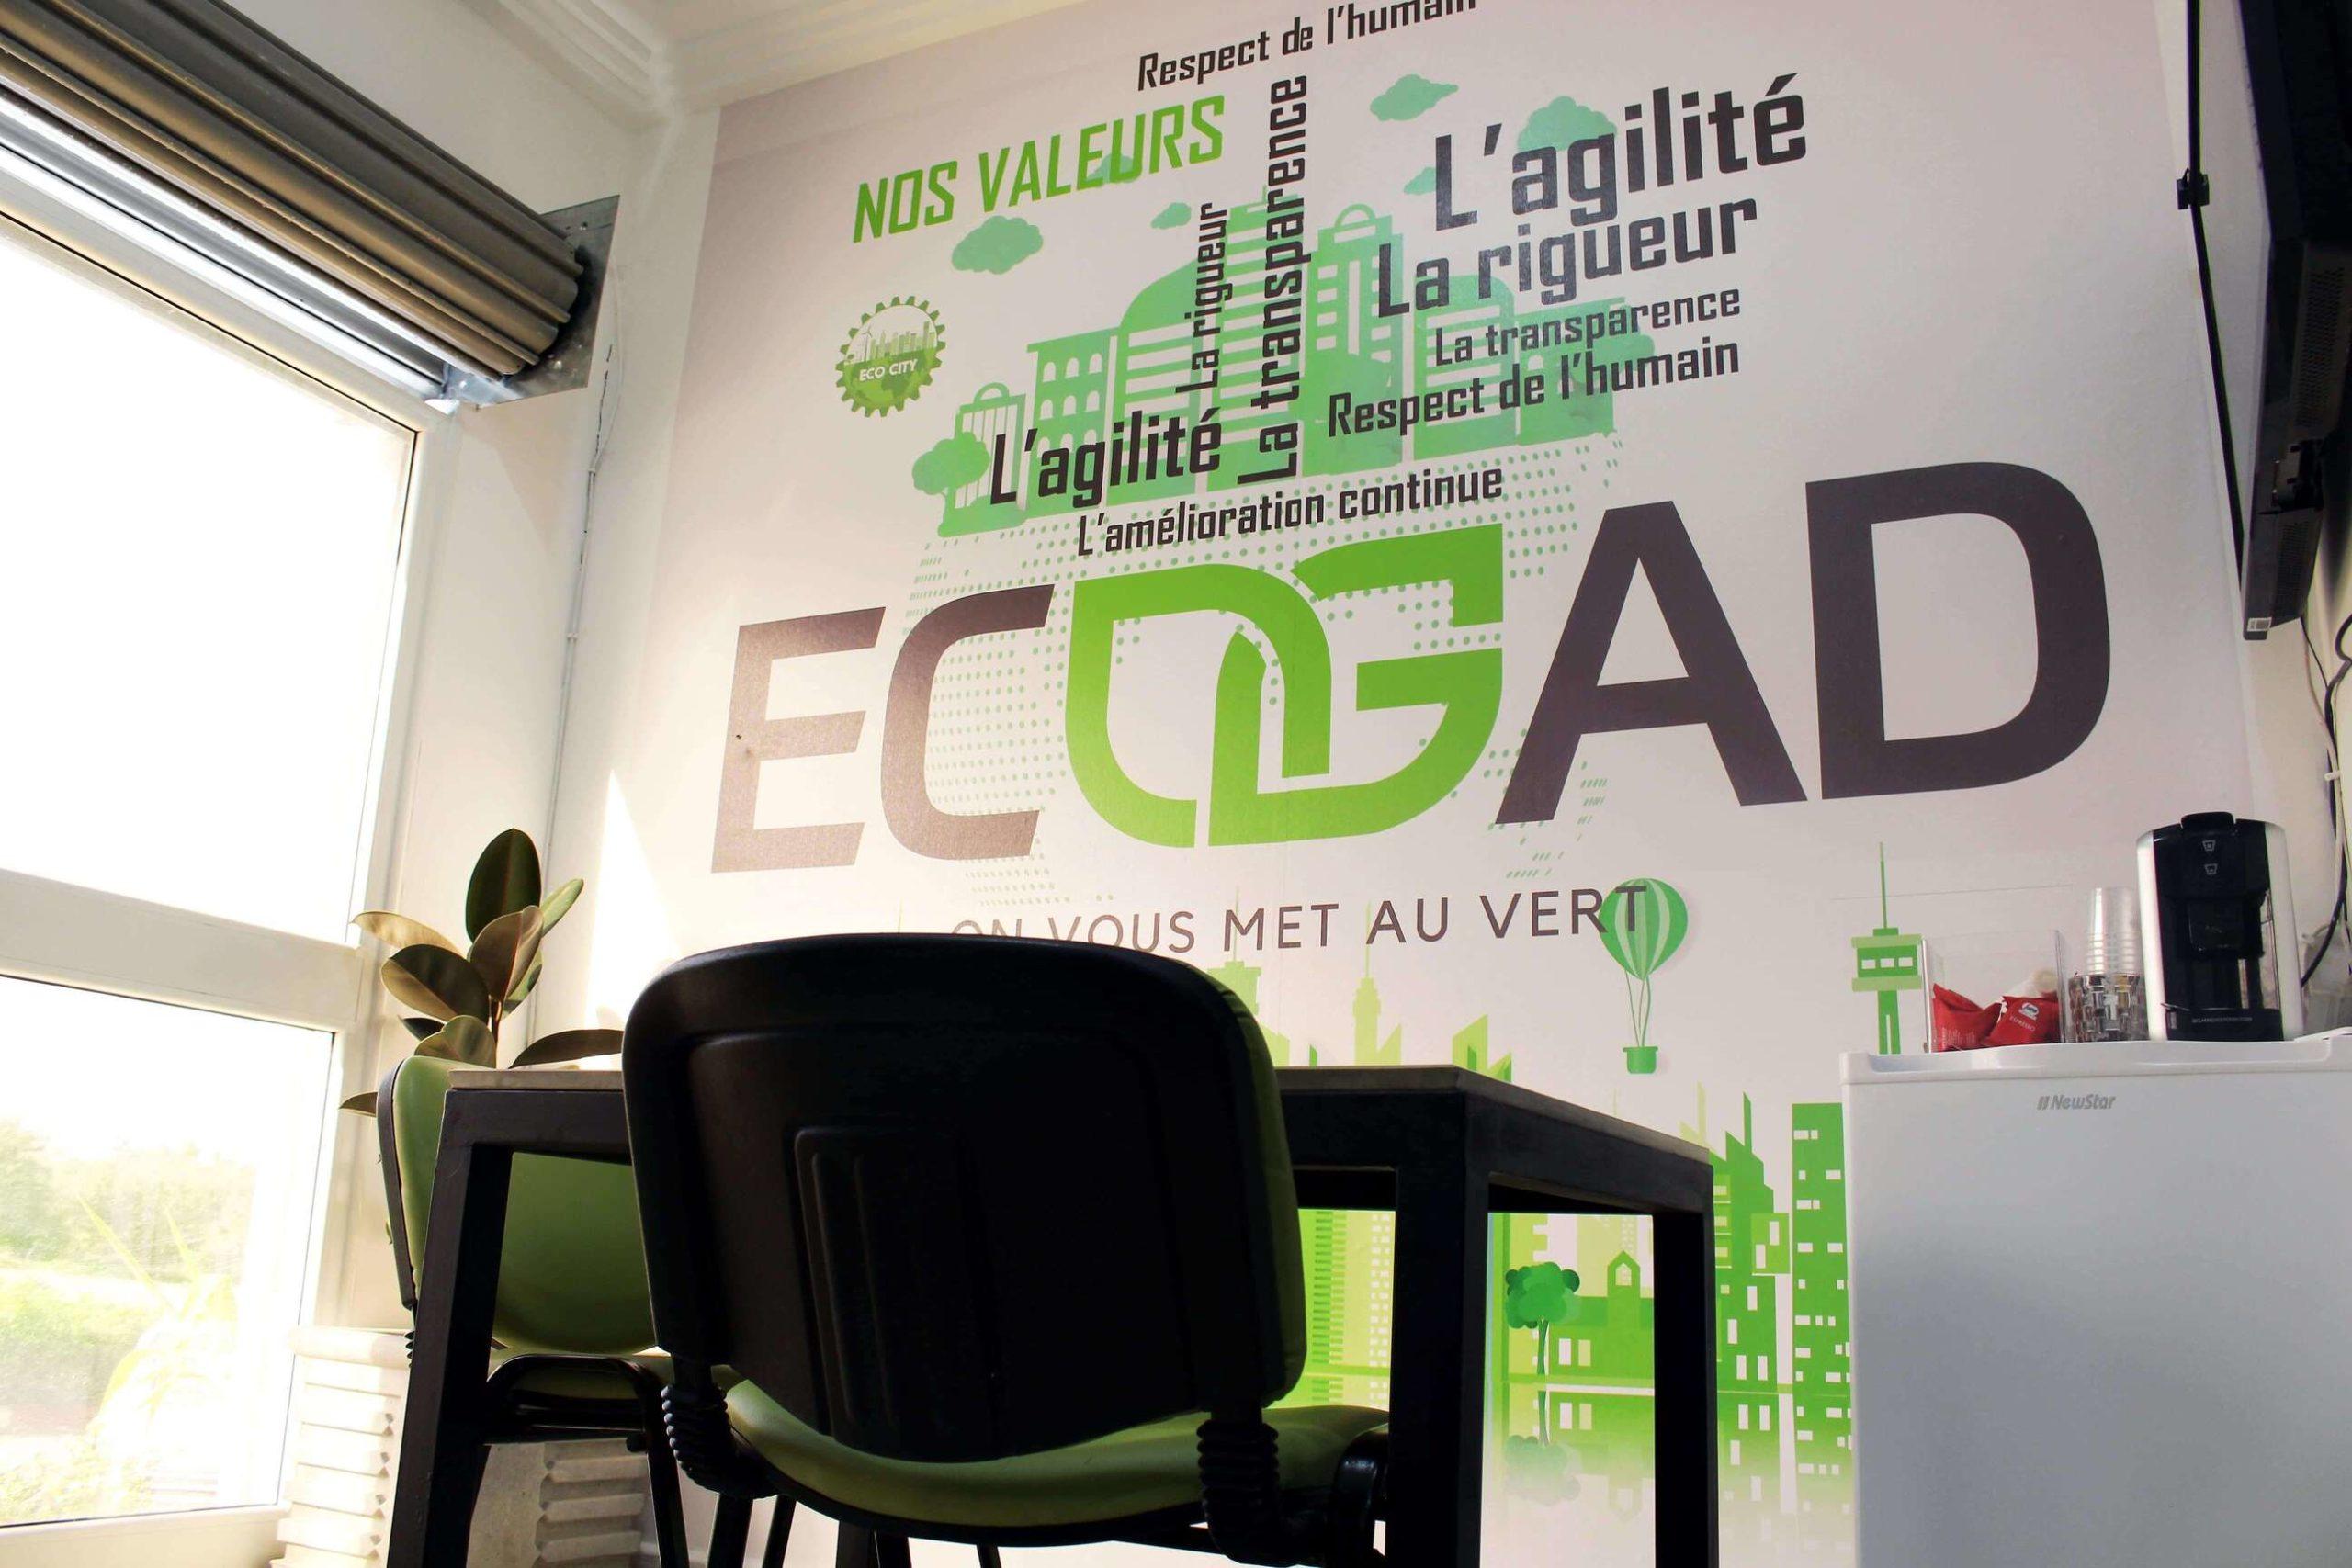 ecogad-centre-de-collecte-02